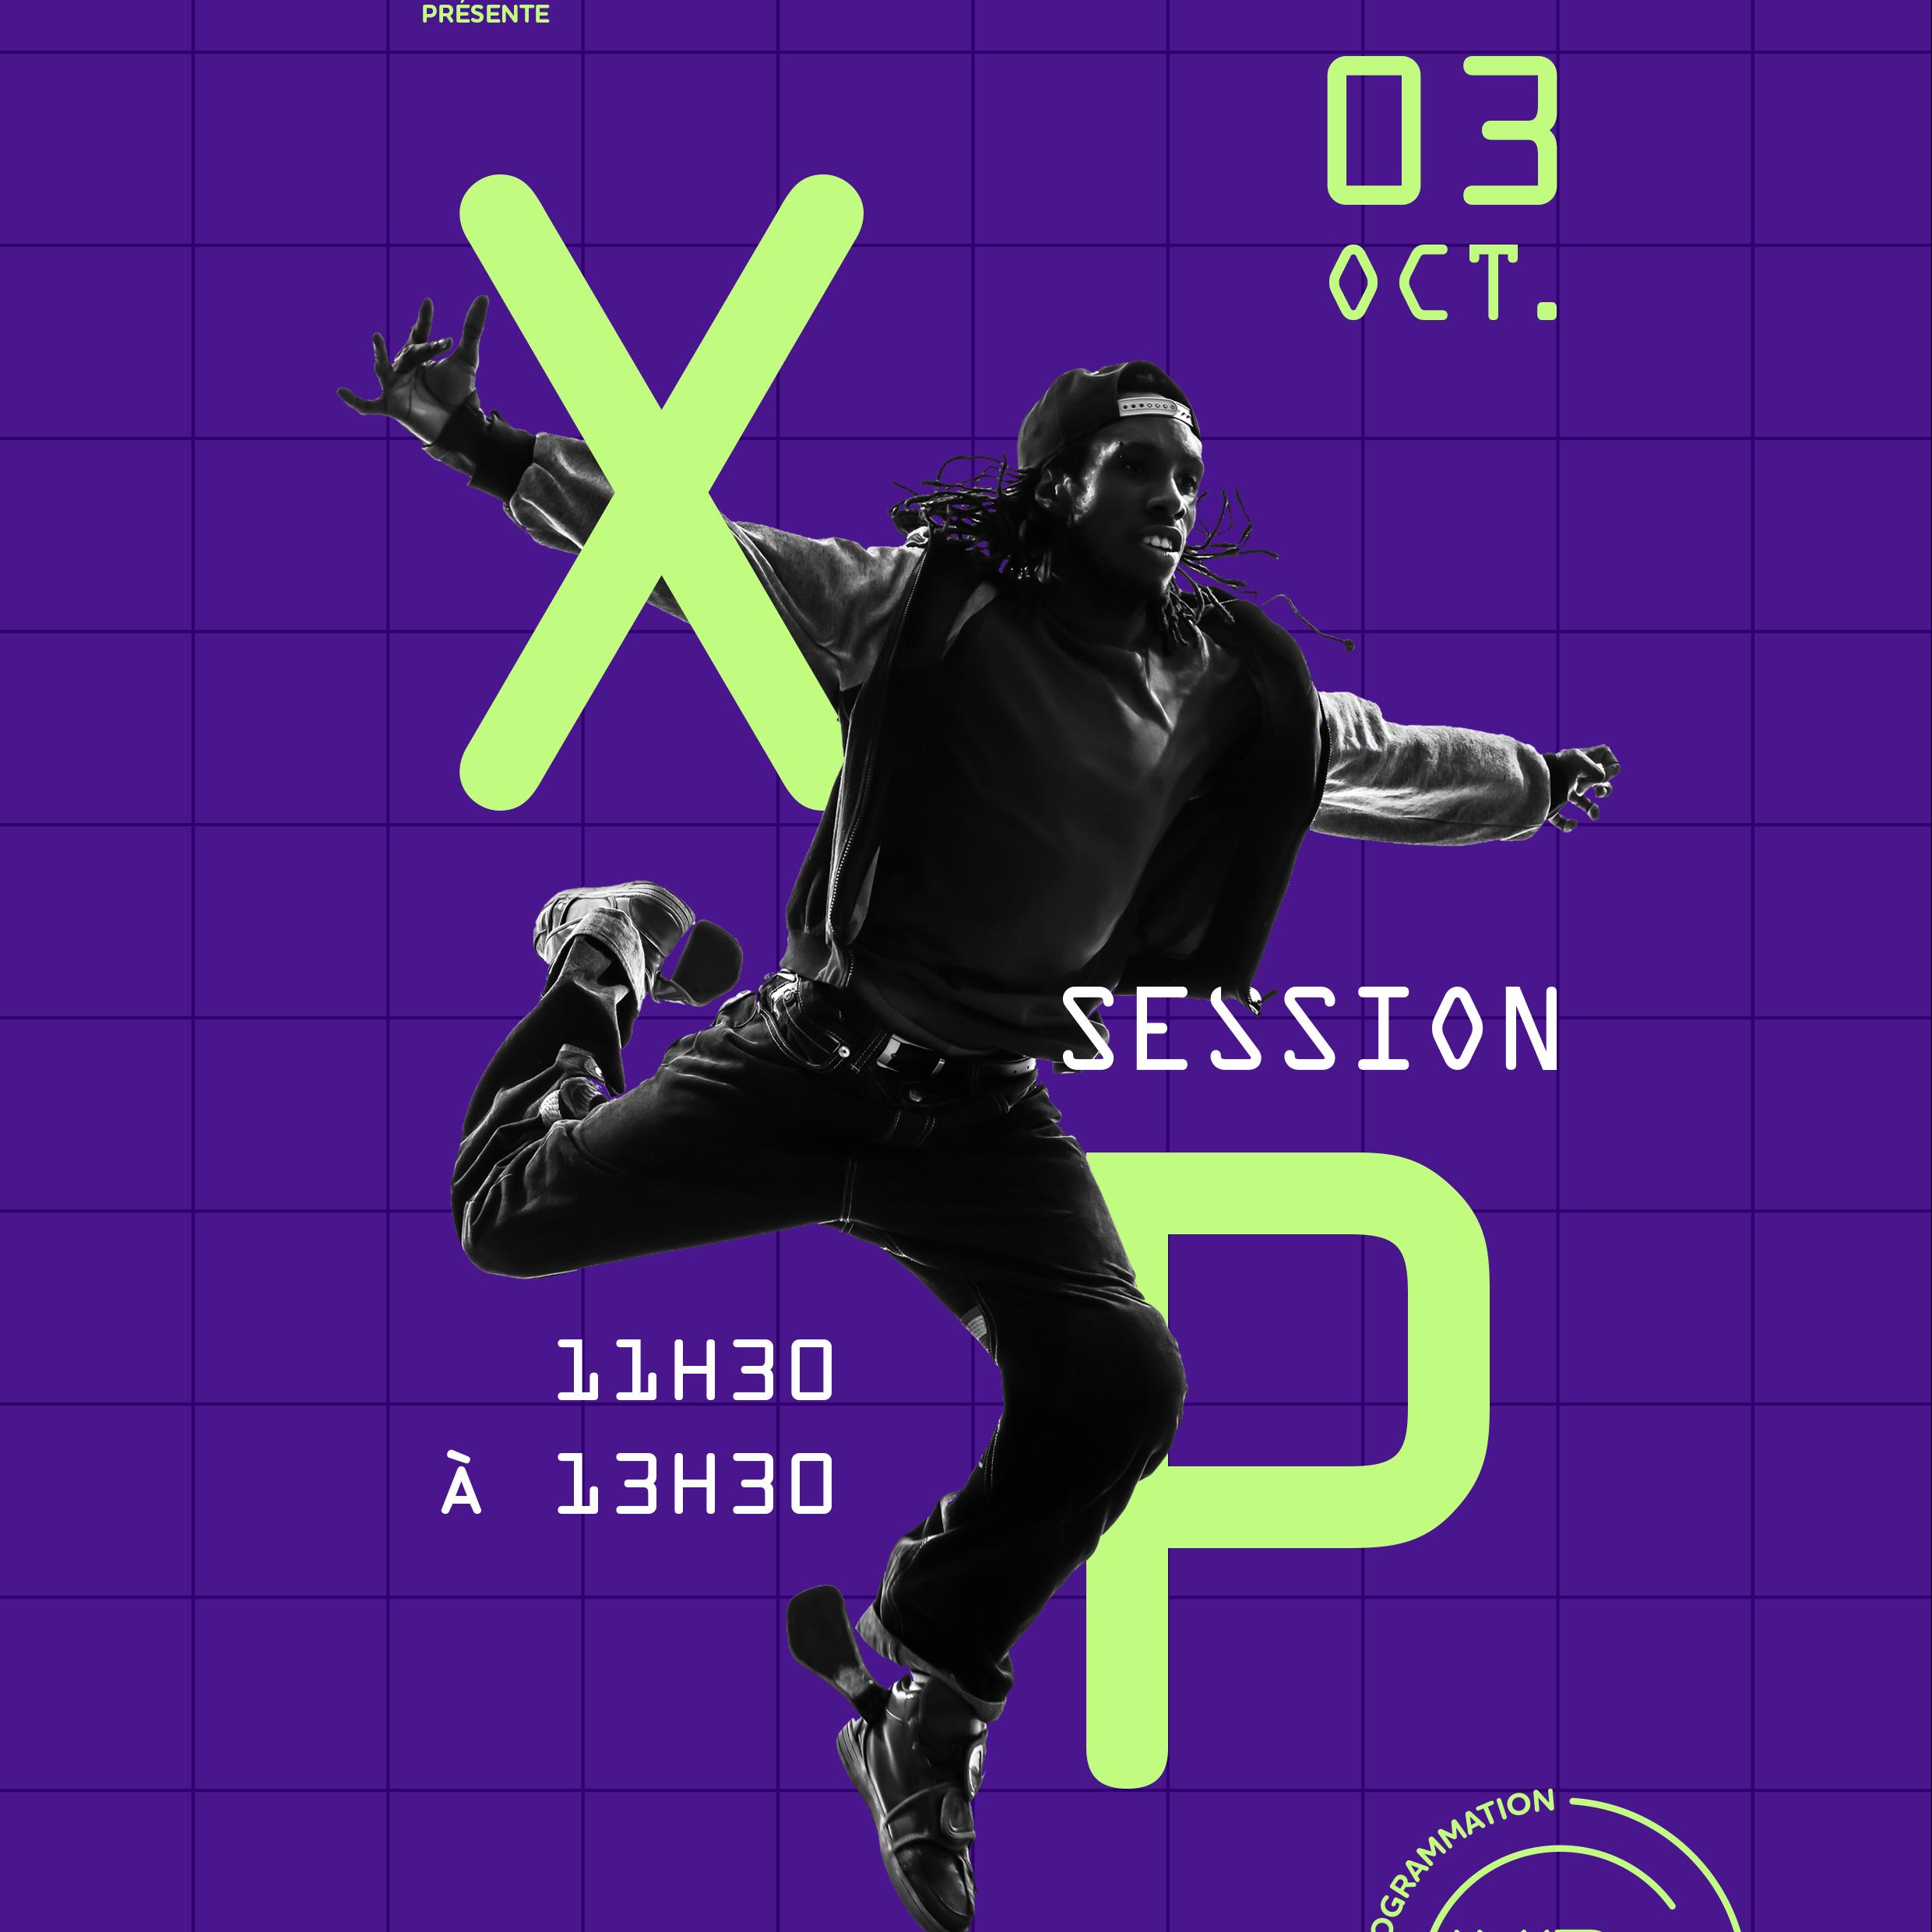 XP19_MU_Nihon_Session_V3